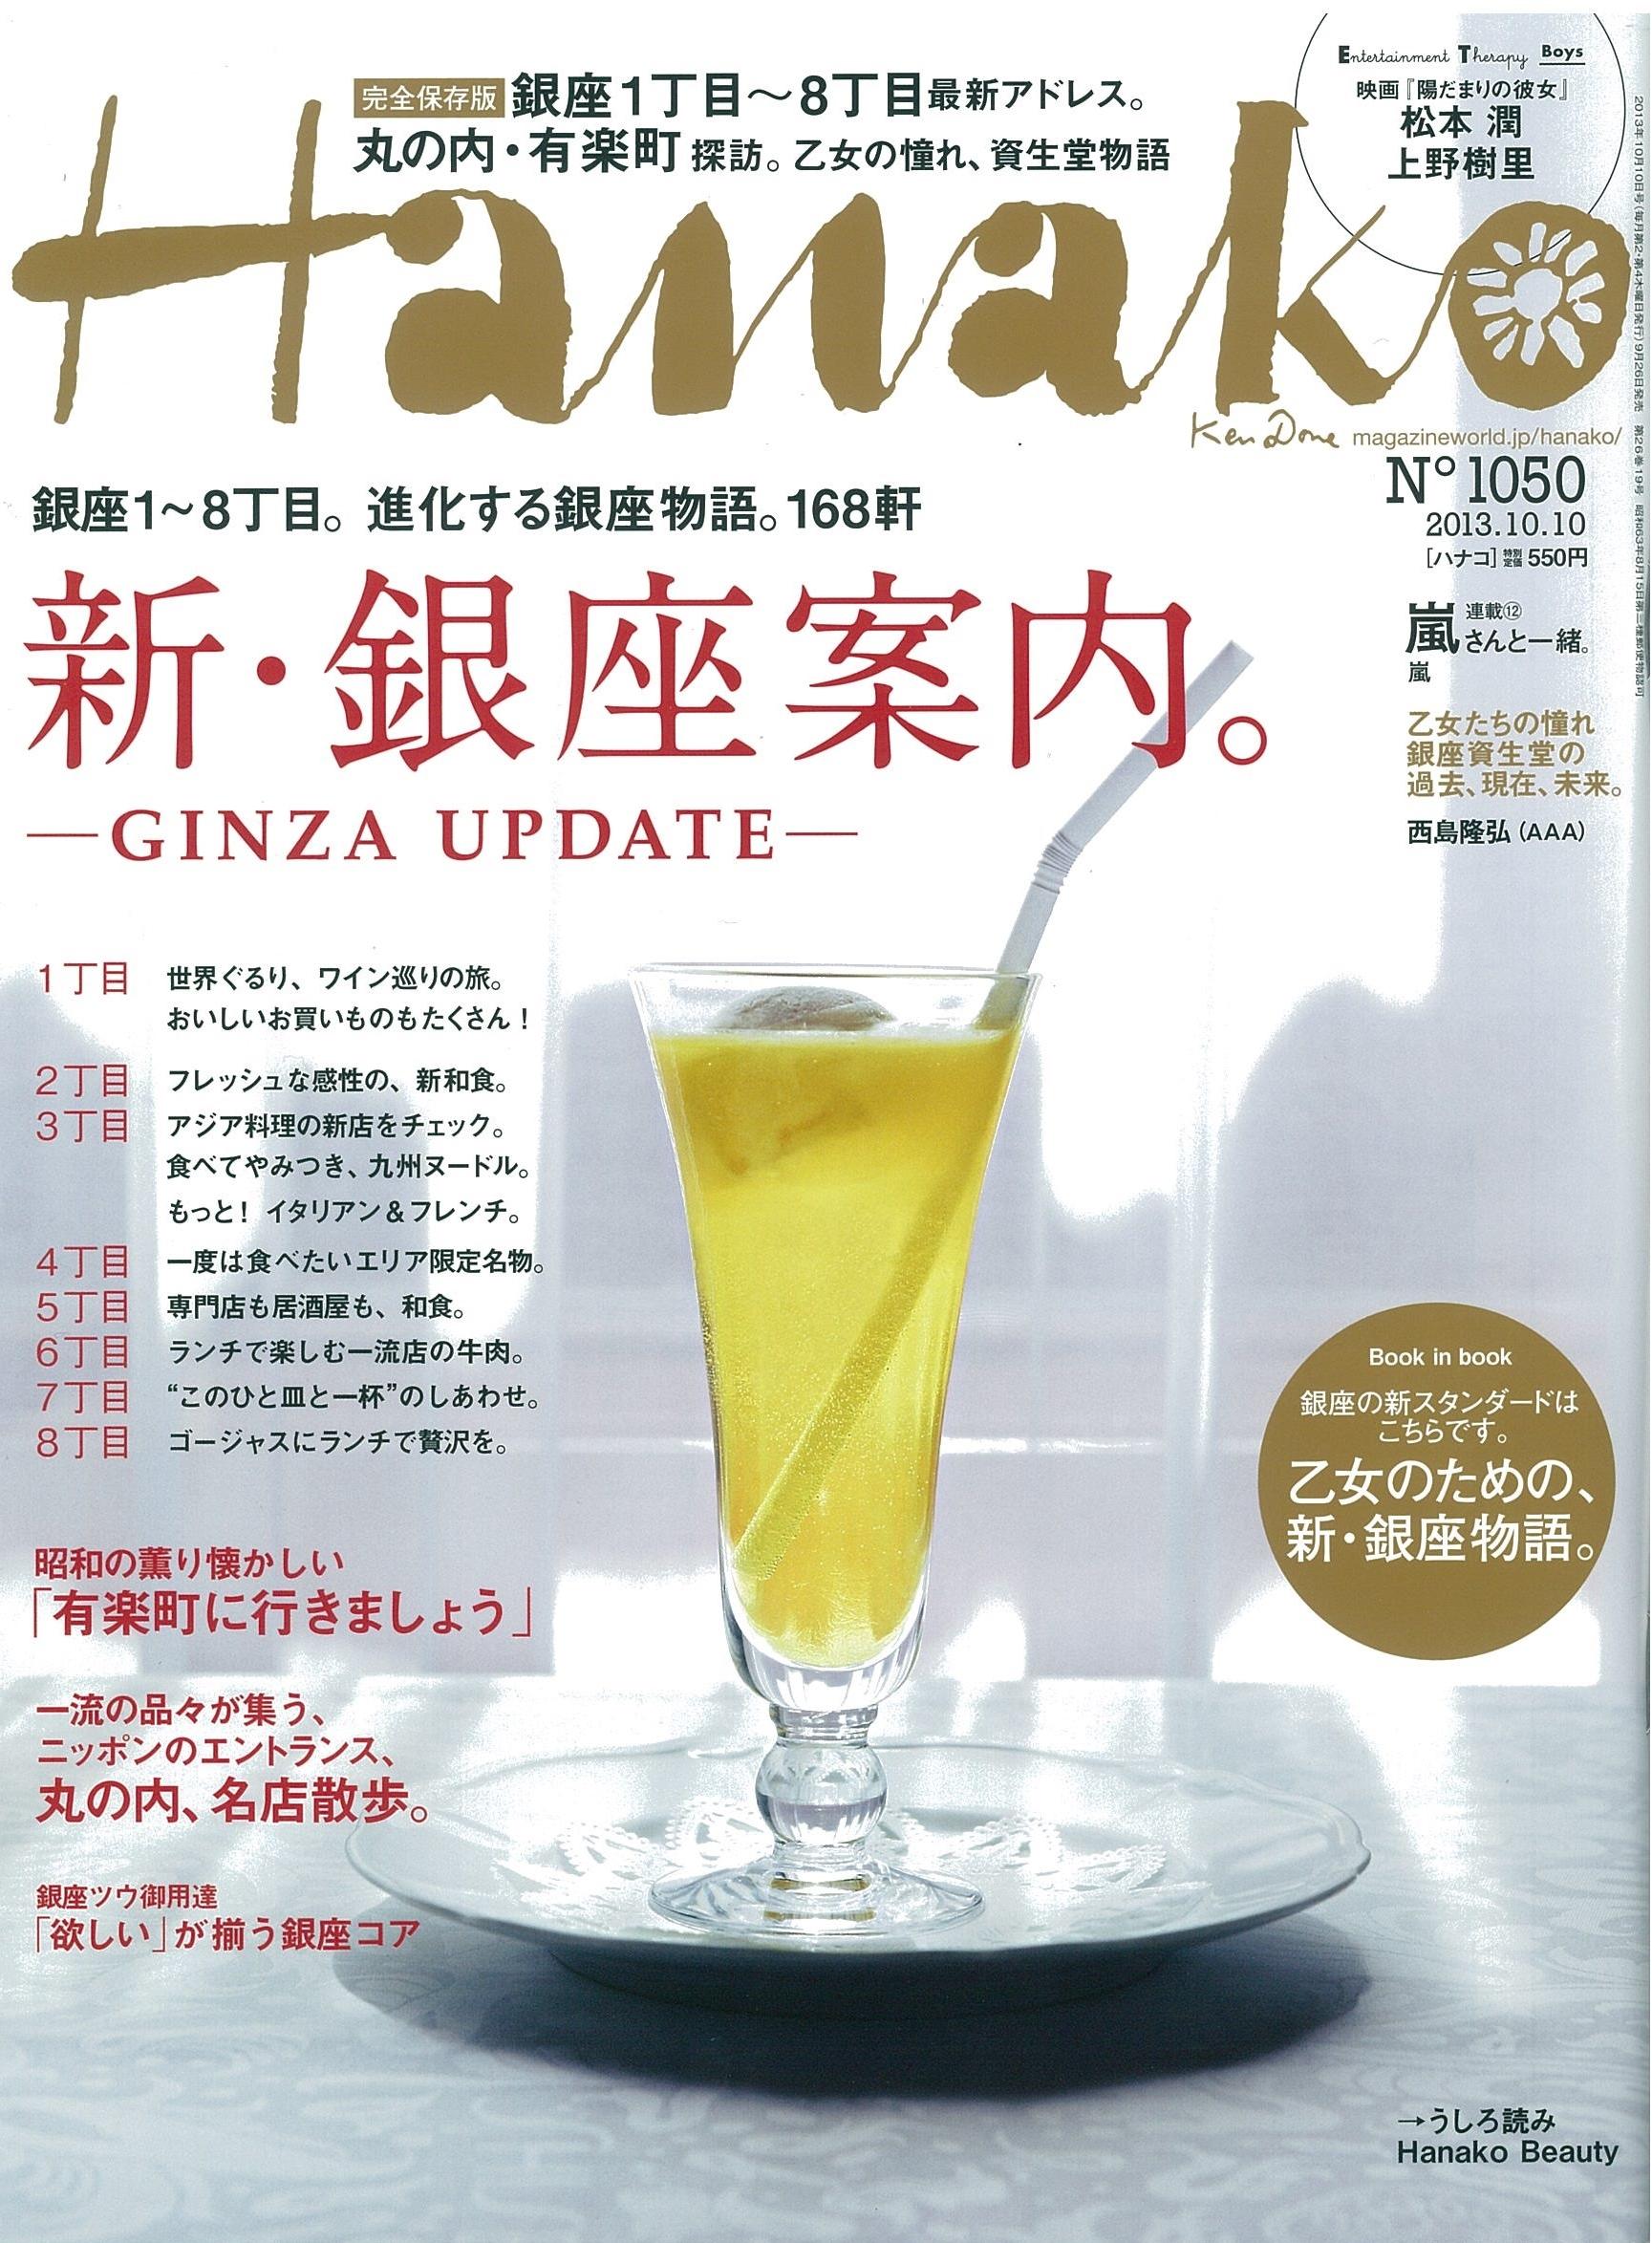 9.26Hanako_ginza_hyoushi